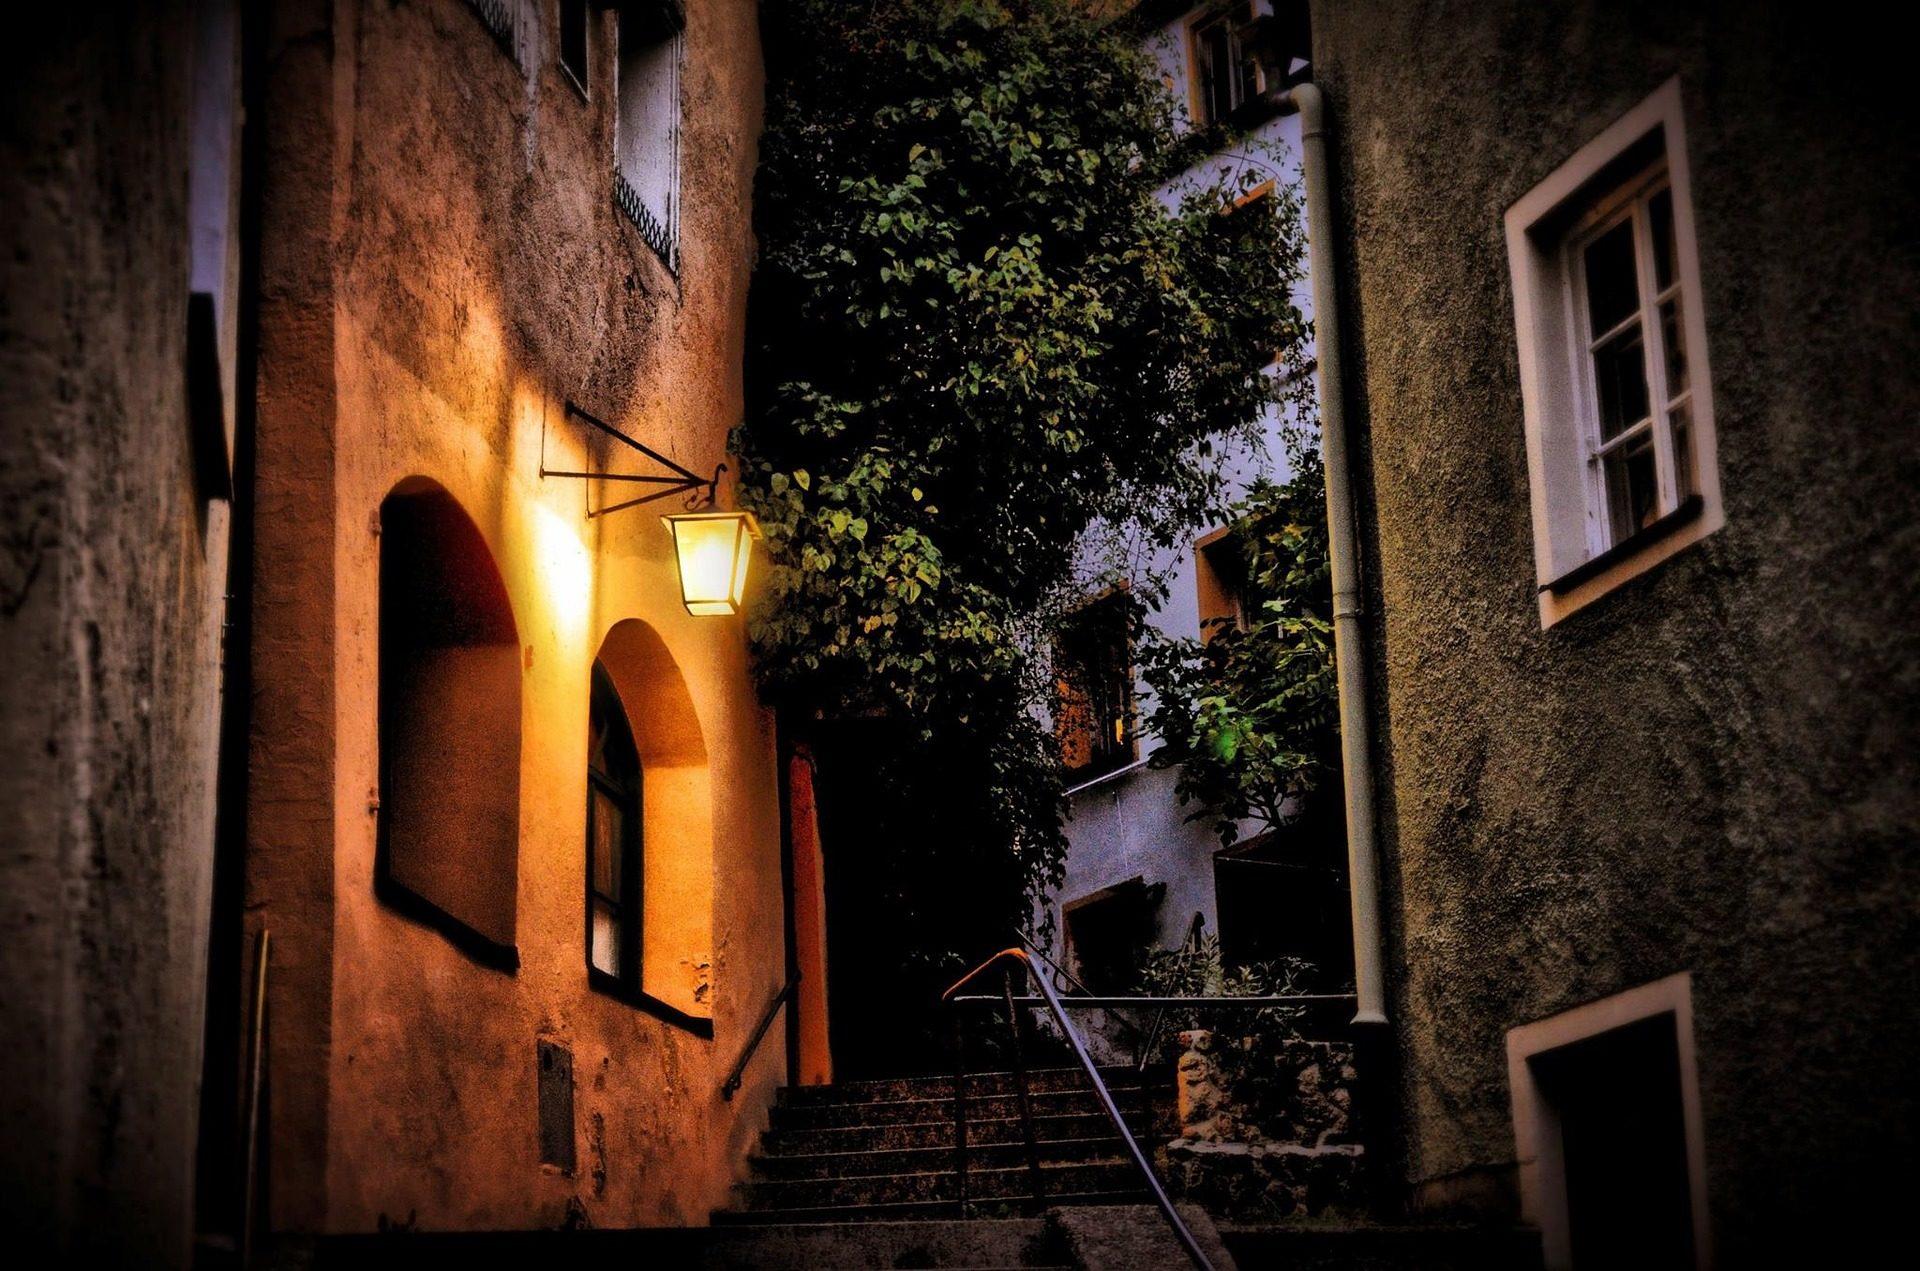 ストリート, 市, 村, 夜, 街路灯, 光, 暗闇の中 - HD の壁紙 - 教授-falken.com